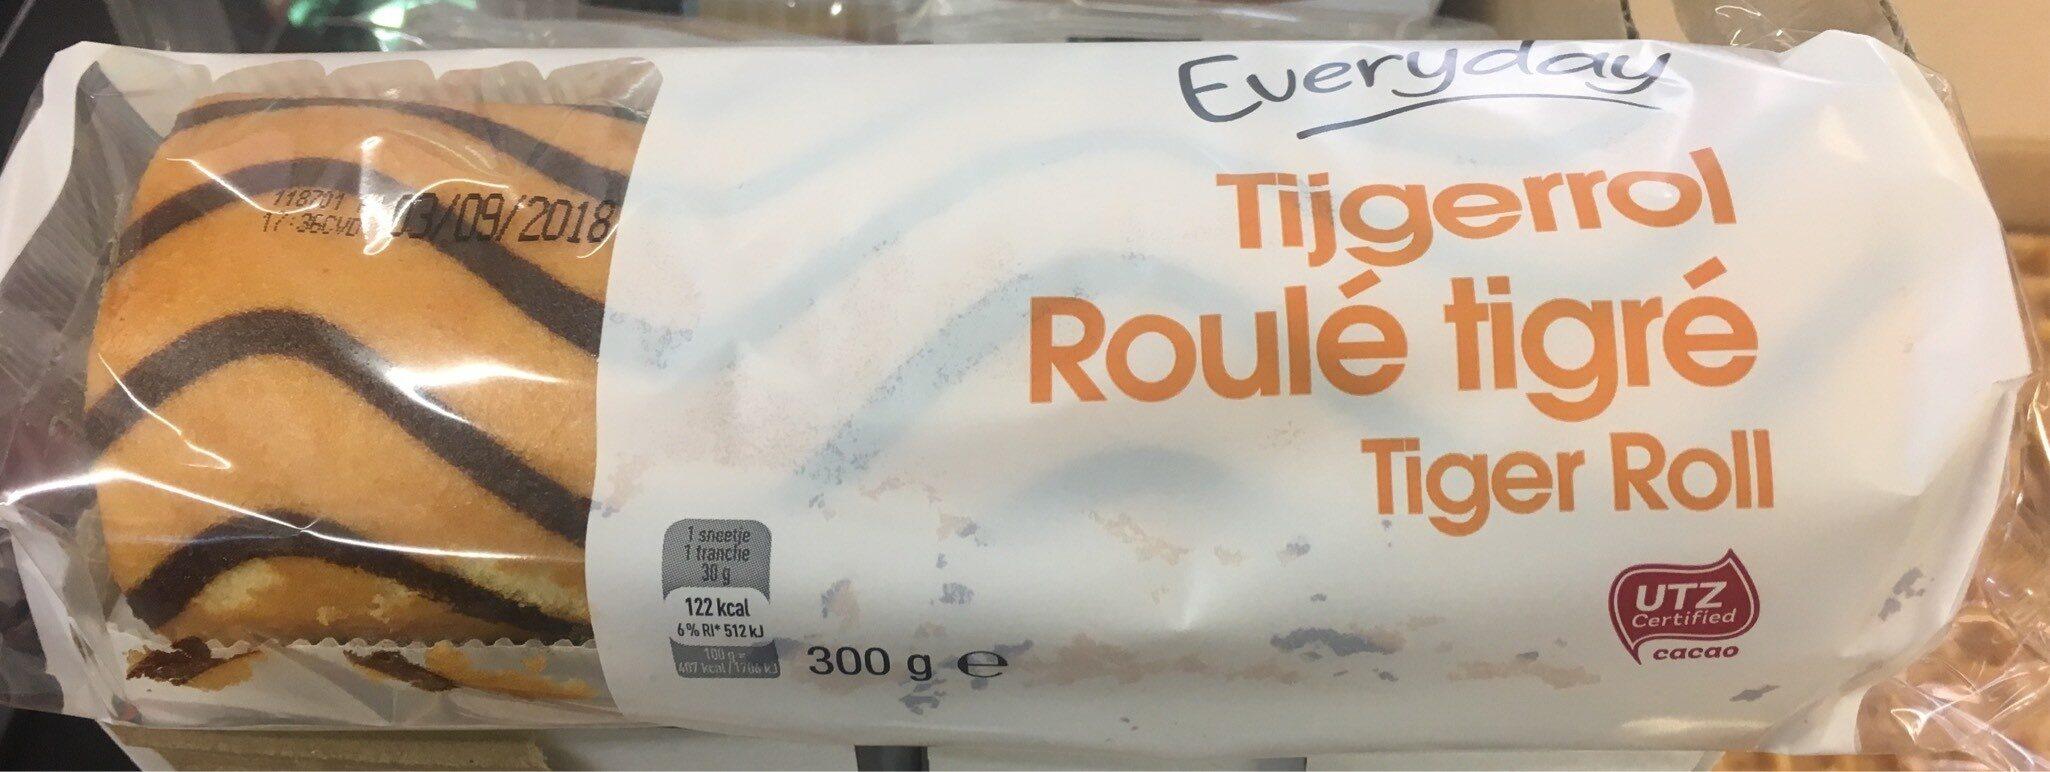 Tijgerrol - Product - nl